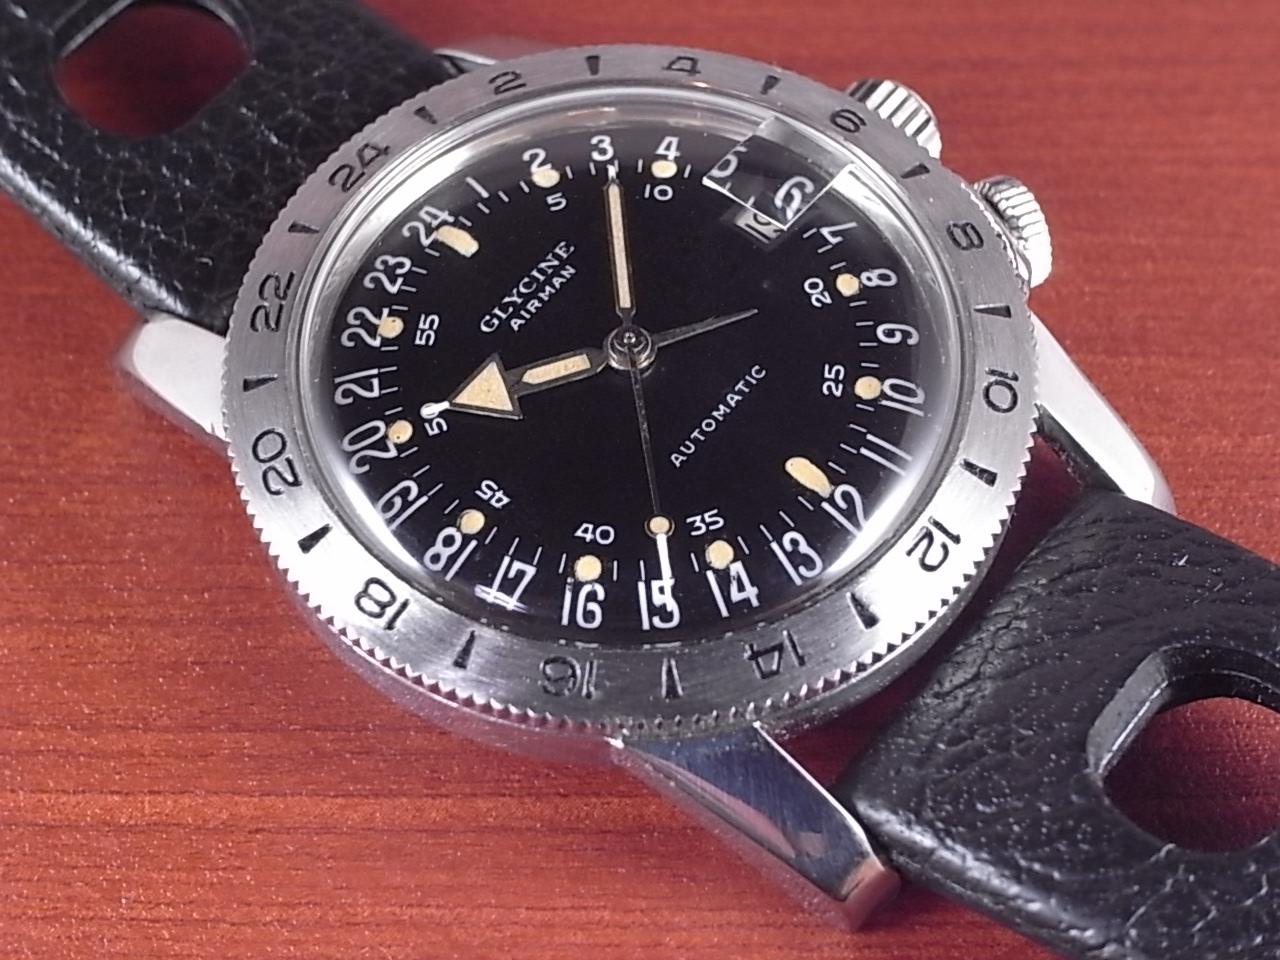 グリシン エアマン 24時間時計 ベトナム戦争 BOX付 1960年代のメイン写真